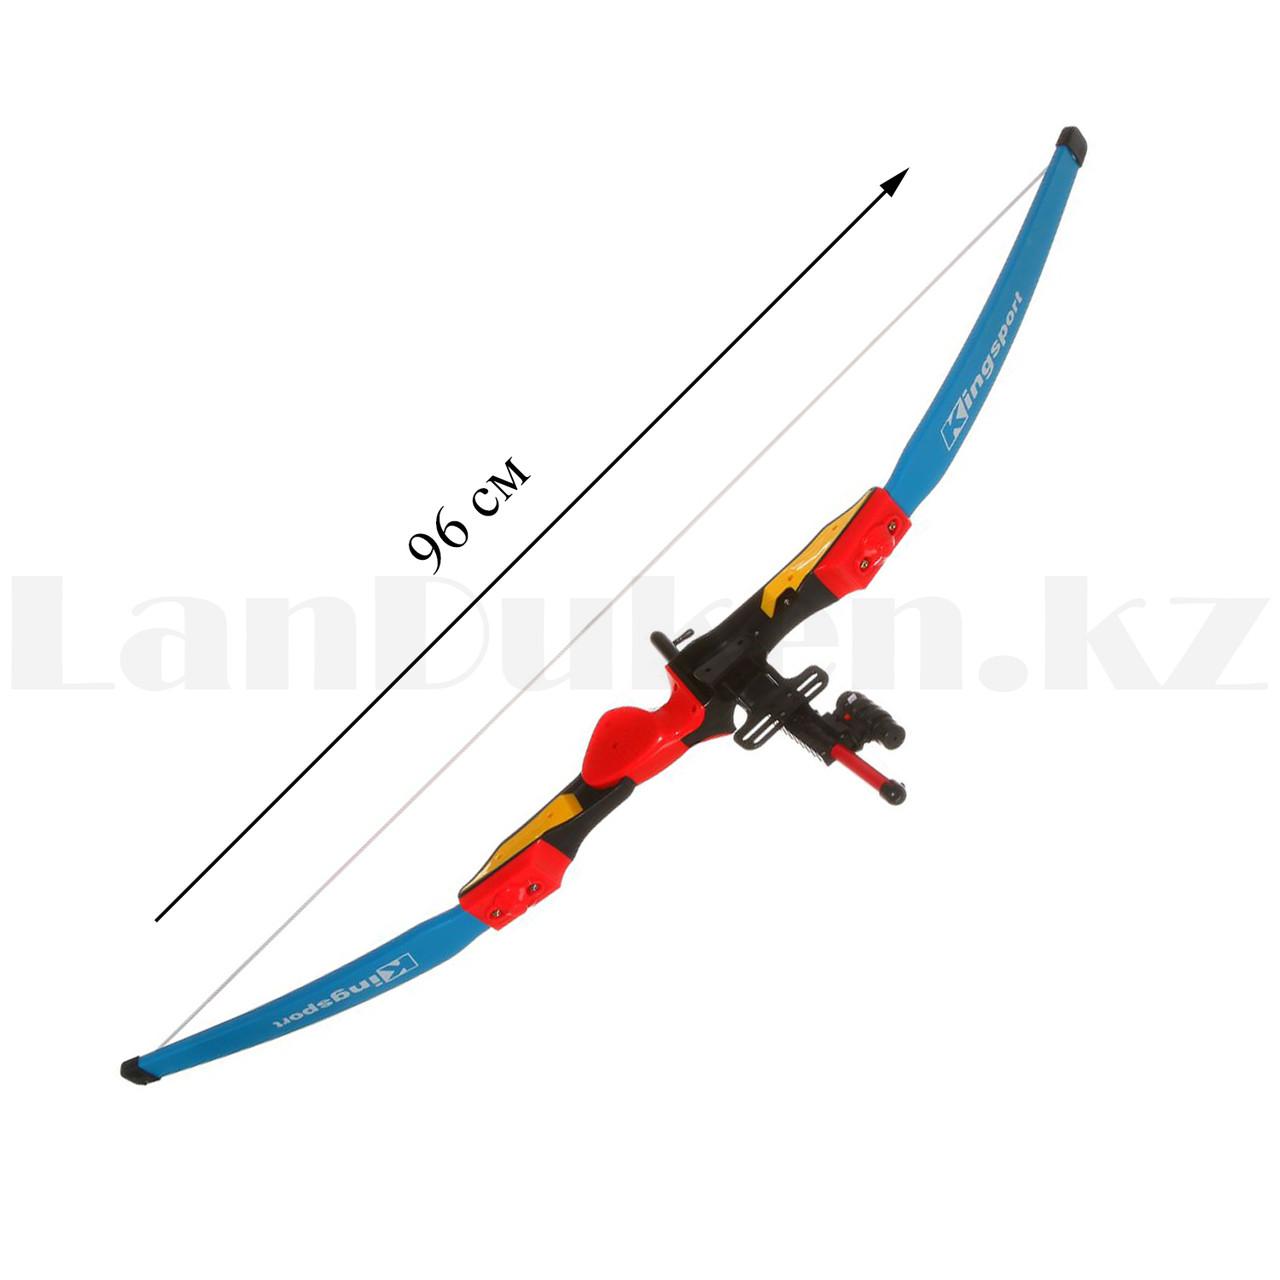 """Игрушечный набор лук и стрелы с лазерным прицелом """"Kingsport"""" 35881А высота 94 см - фото 4"""